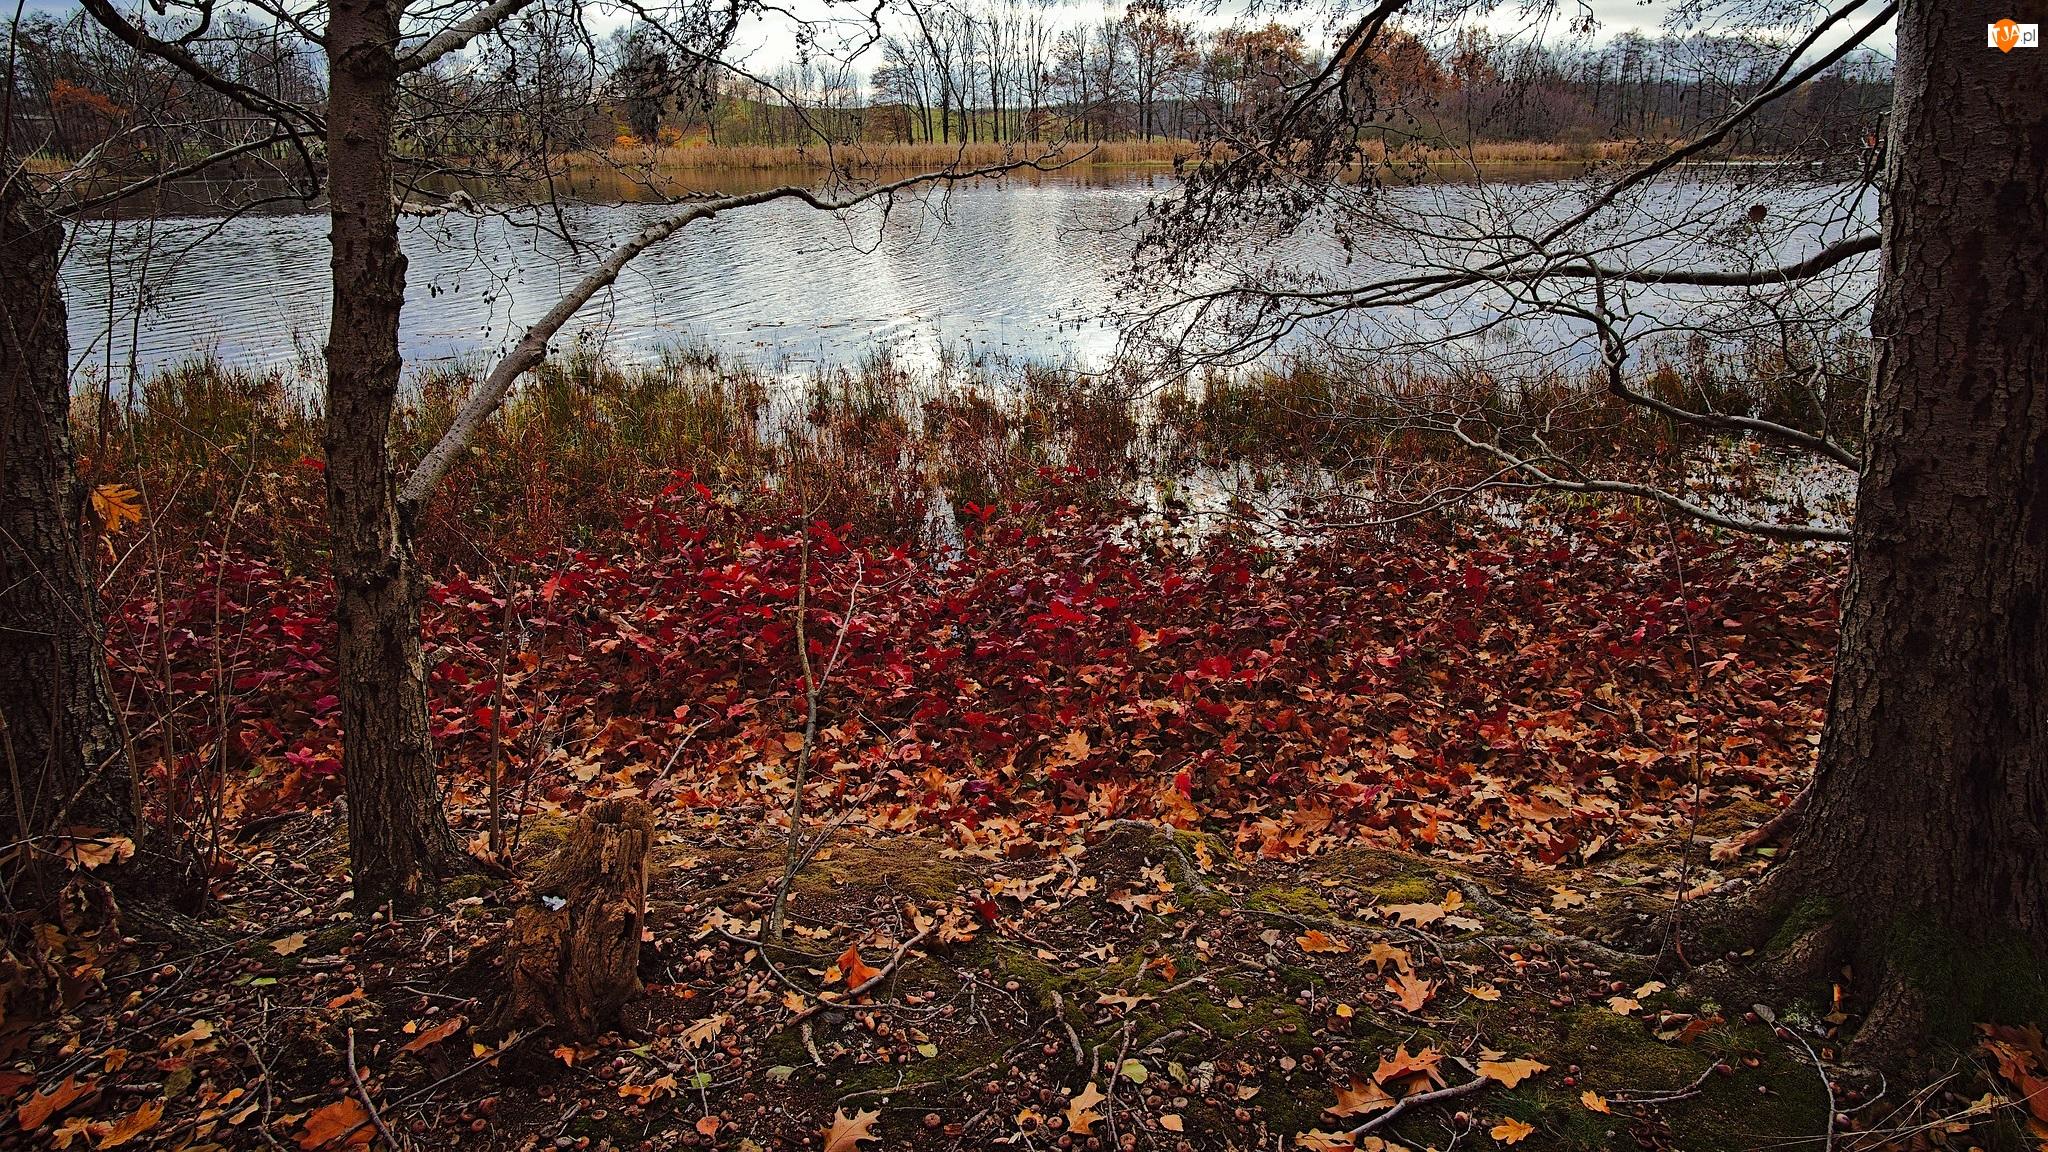 Trawa, Liście, Drzewa, Rzeka, Kolorowe